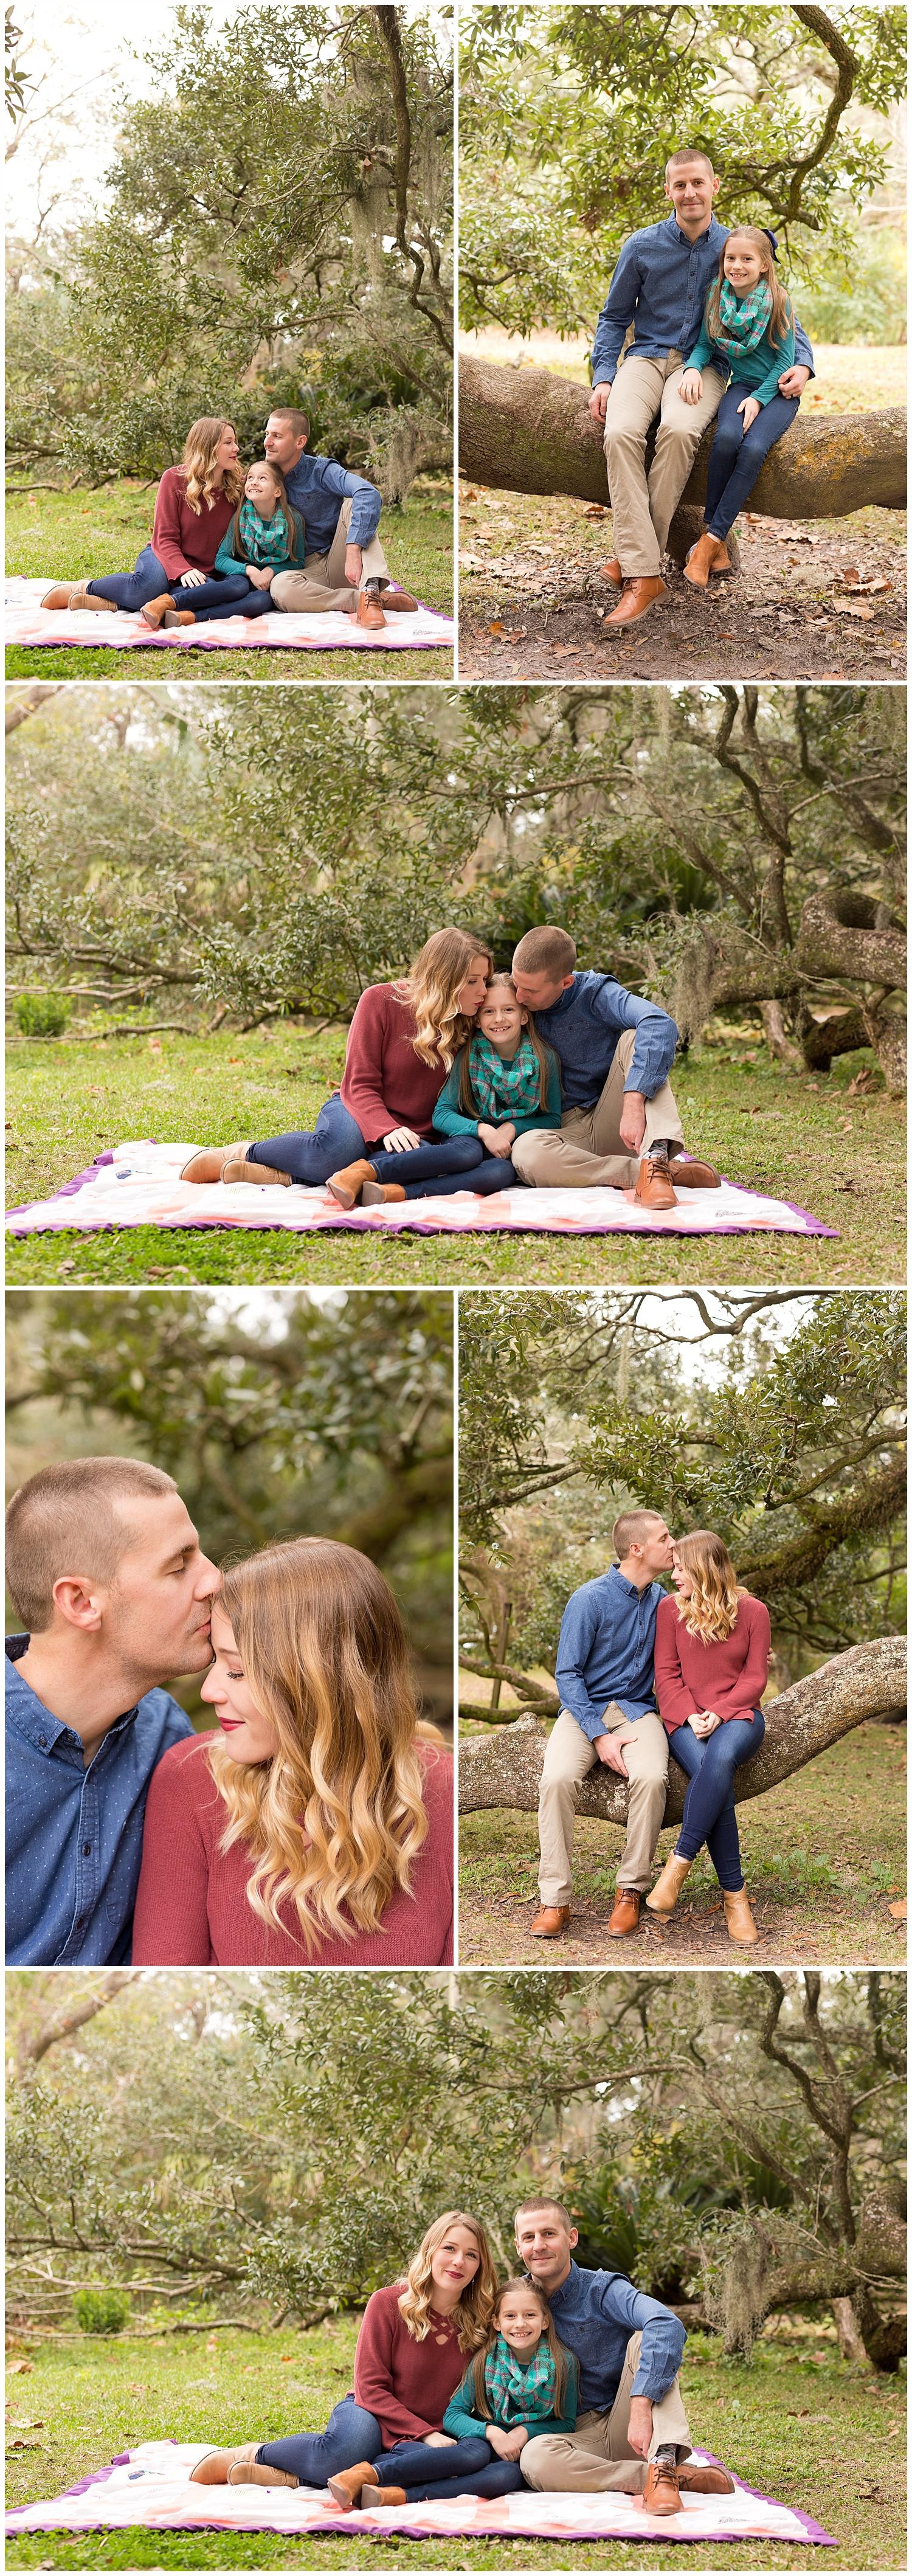 Ocean Springs family photographer - Ruskin Oak family portraits